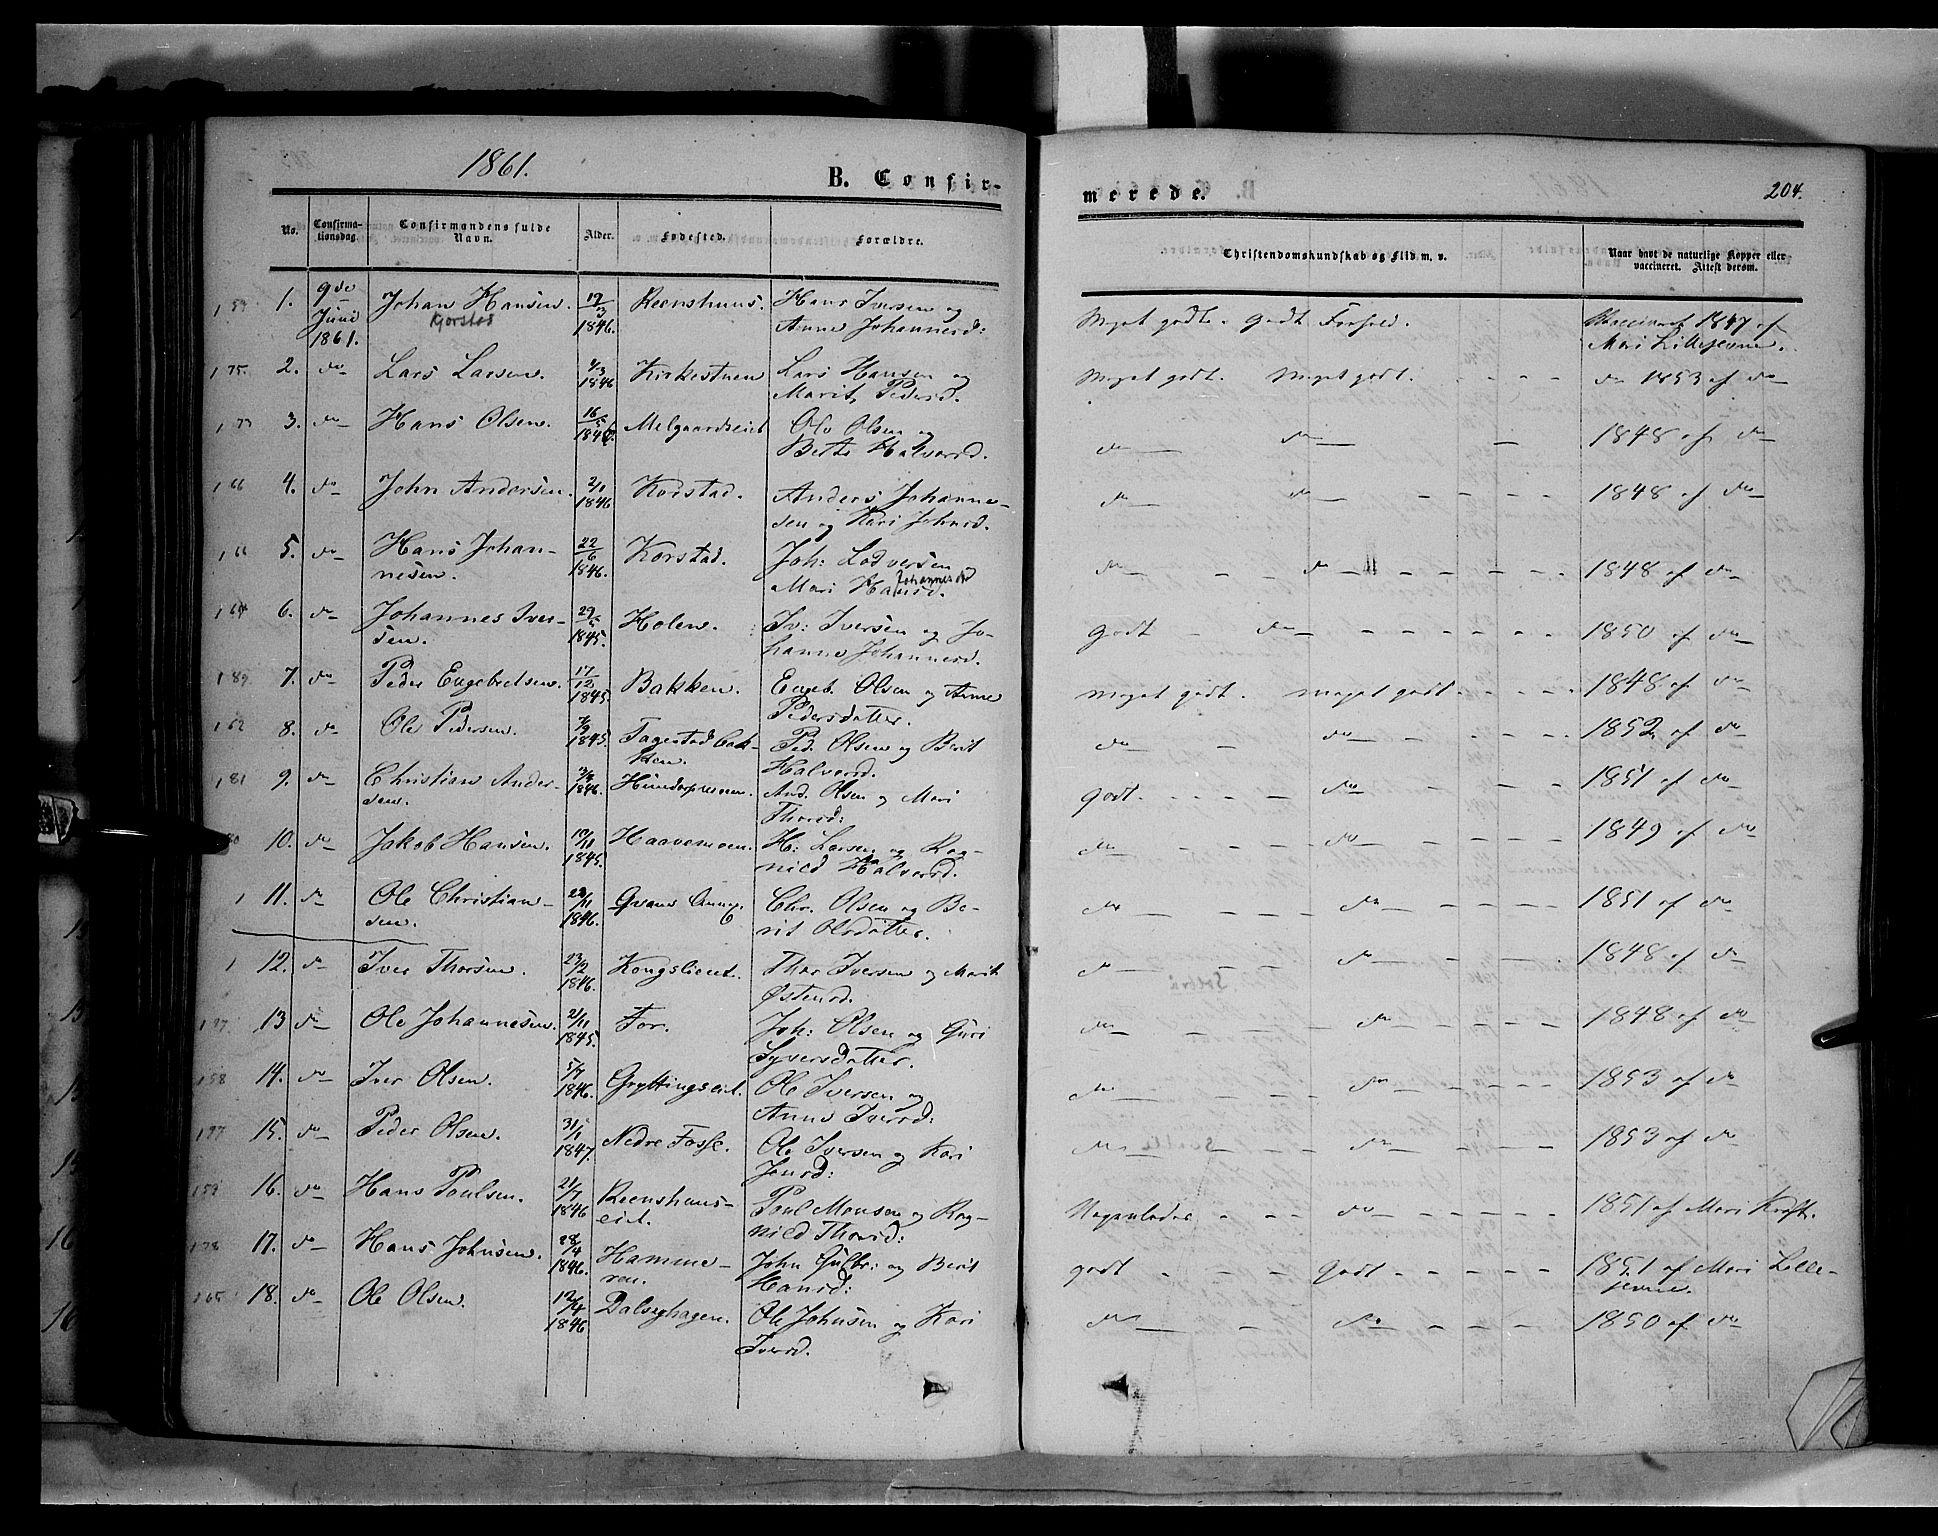 SAH, Sør-Fron prestekontor, H/Ha/Haa/L0001: Ministerialbok nr. 1, 1849-1863, s. 204